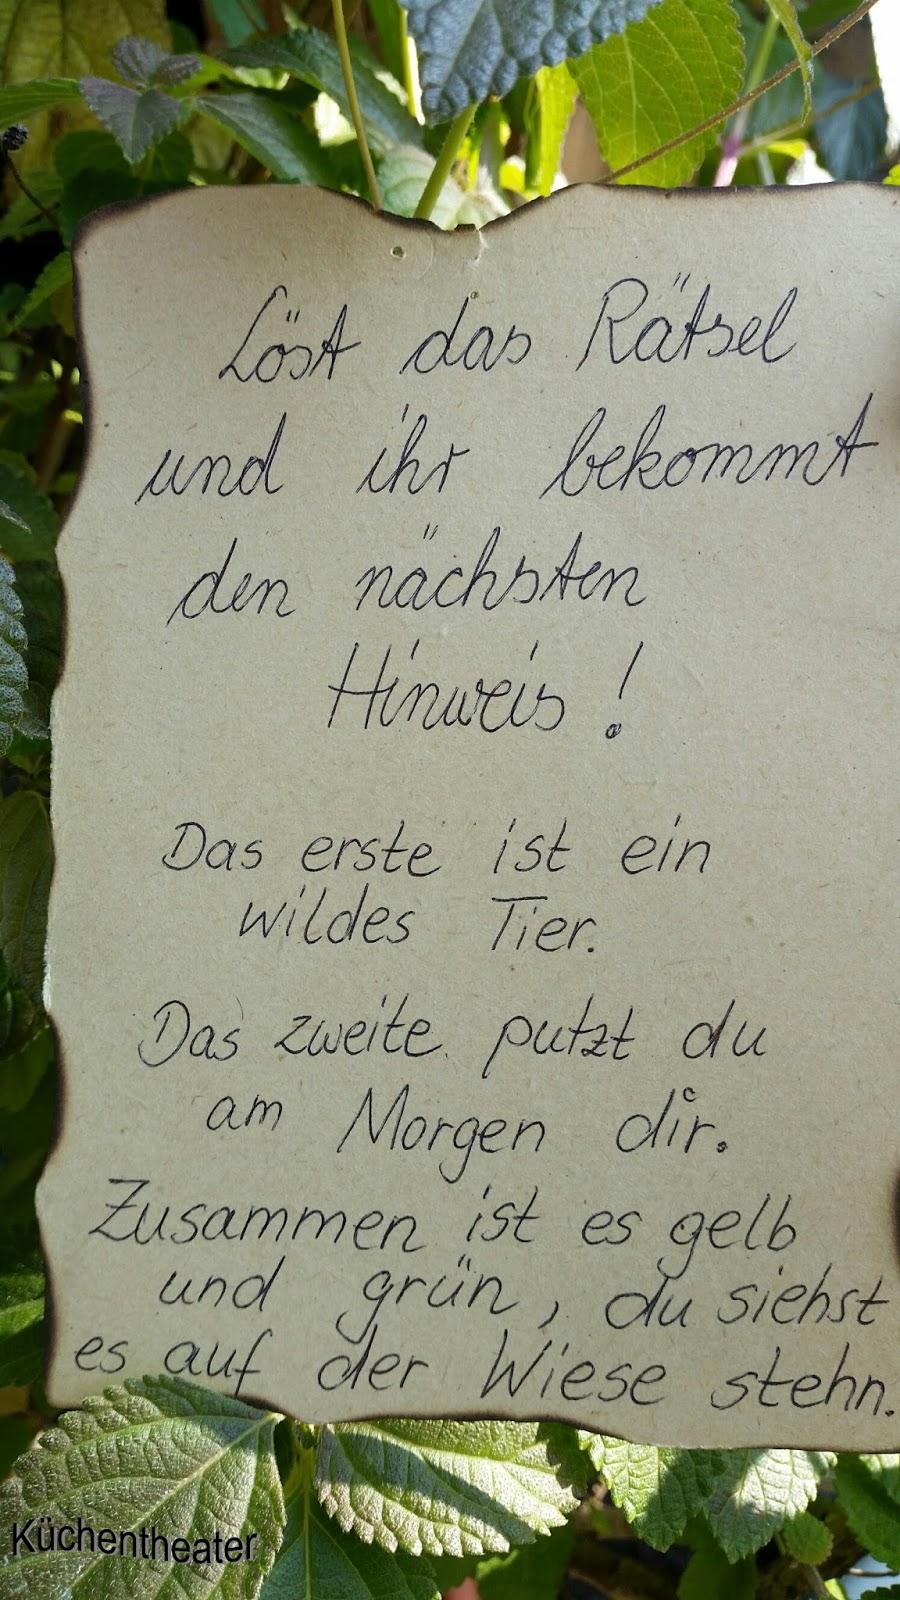 Top Rätsel Und Antworten Schatzsuche Rätsel - wogexi.soinsfuneraires.ch BR48